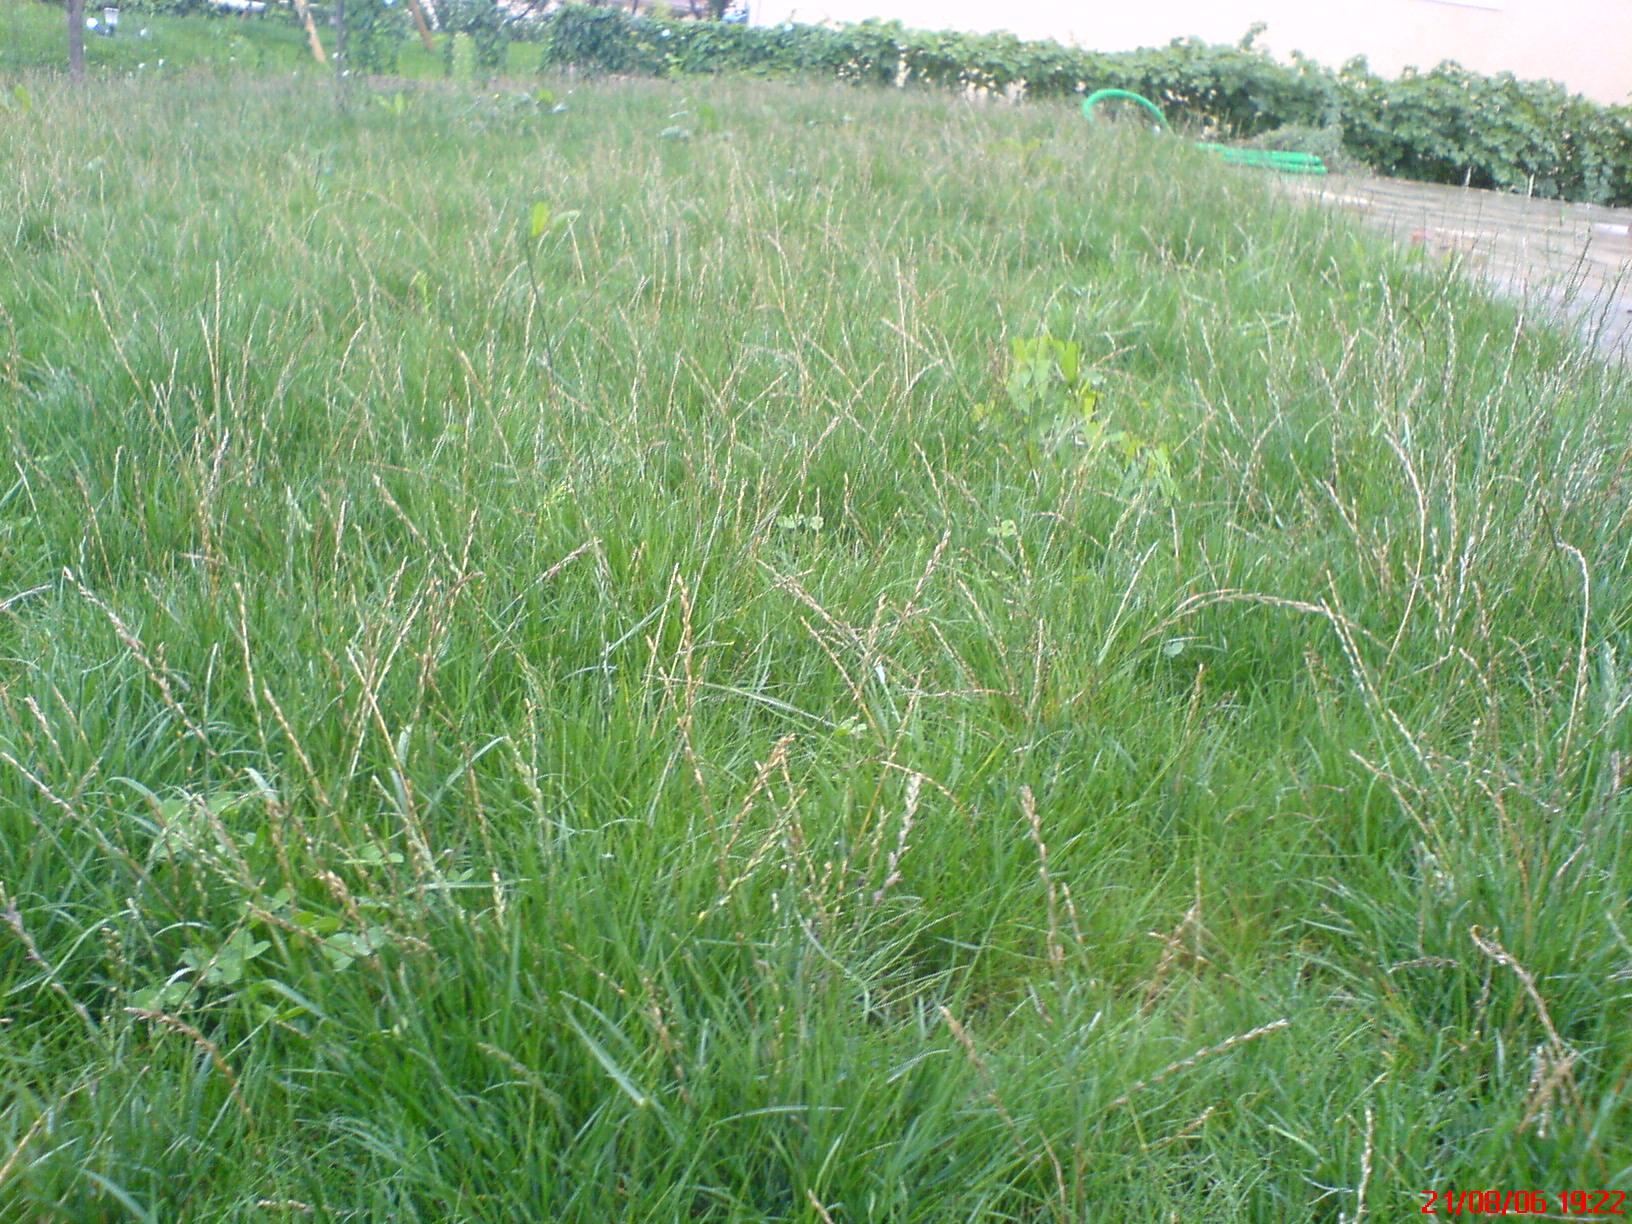 mauvaise herbe dans le gazon